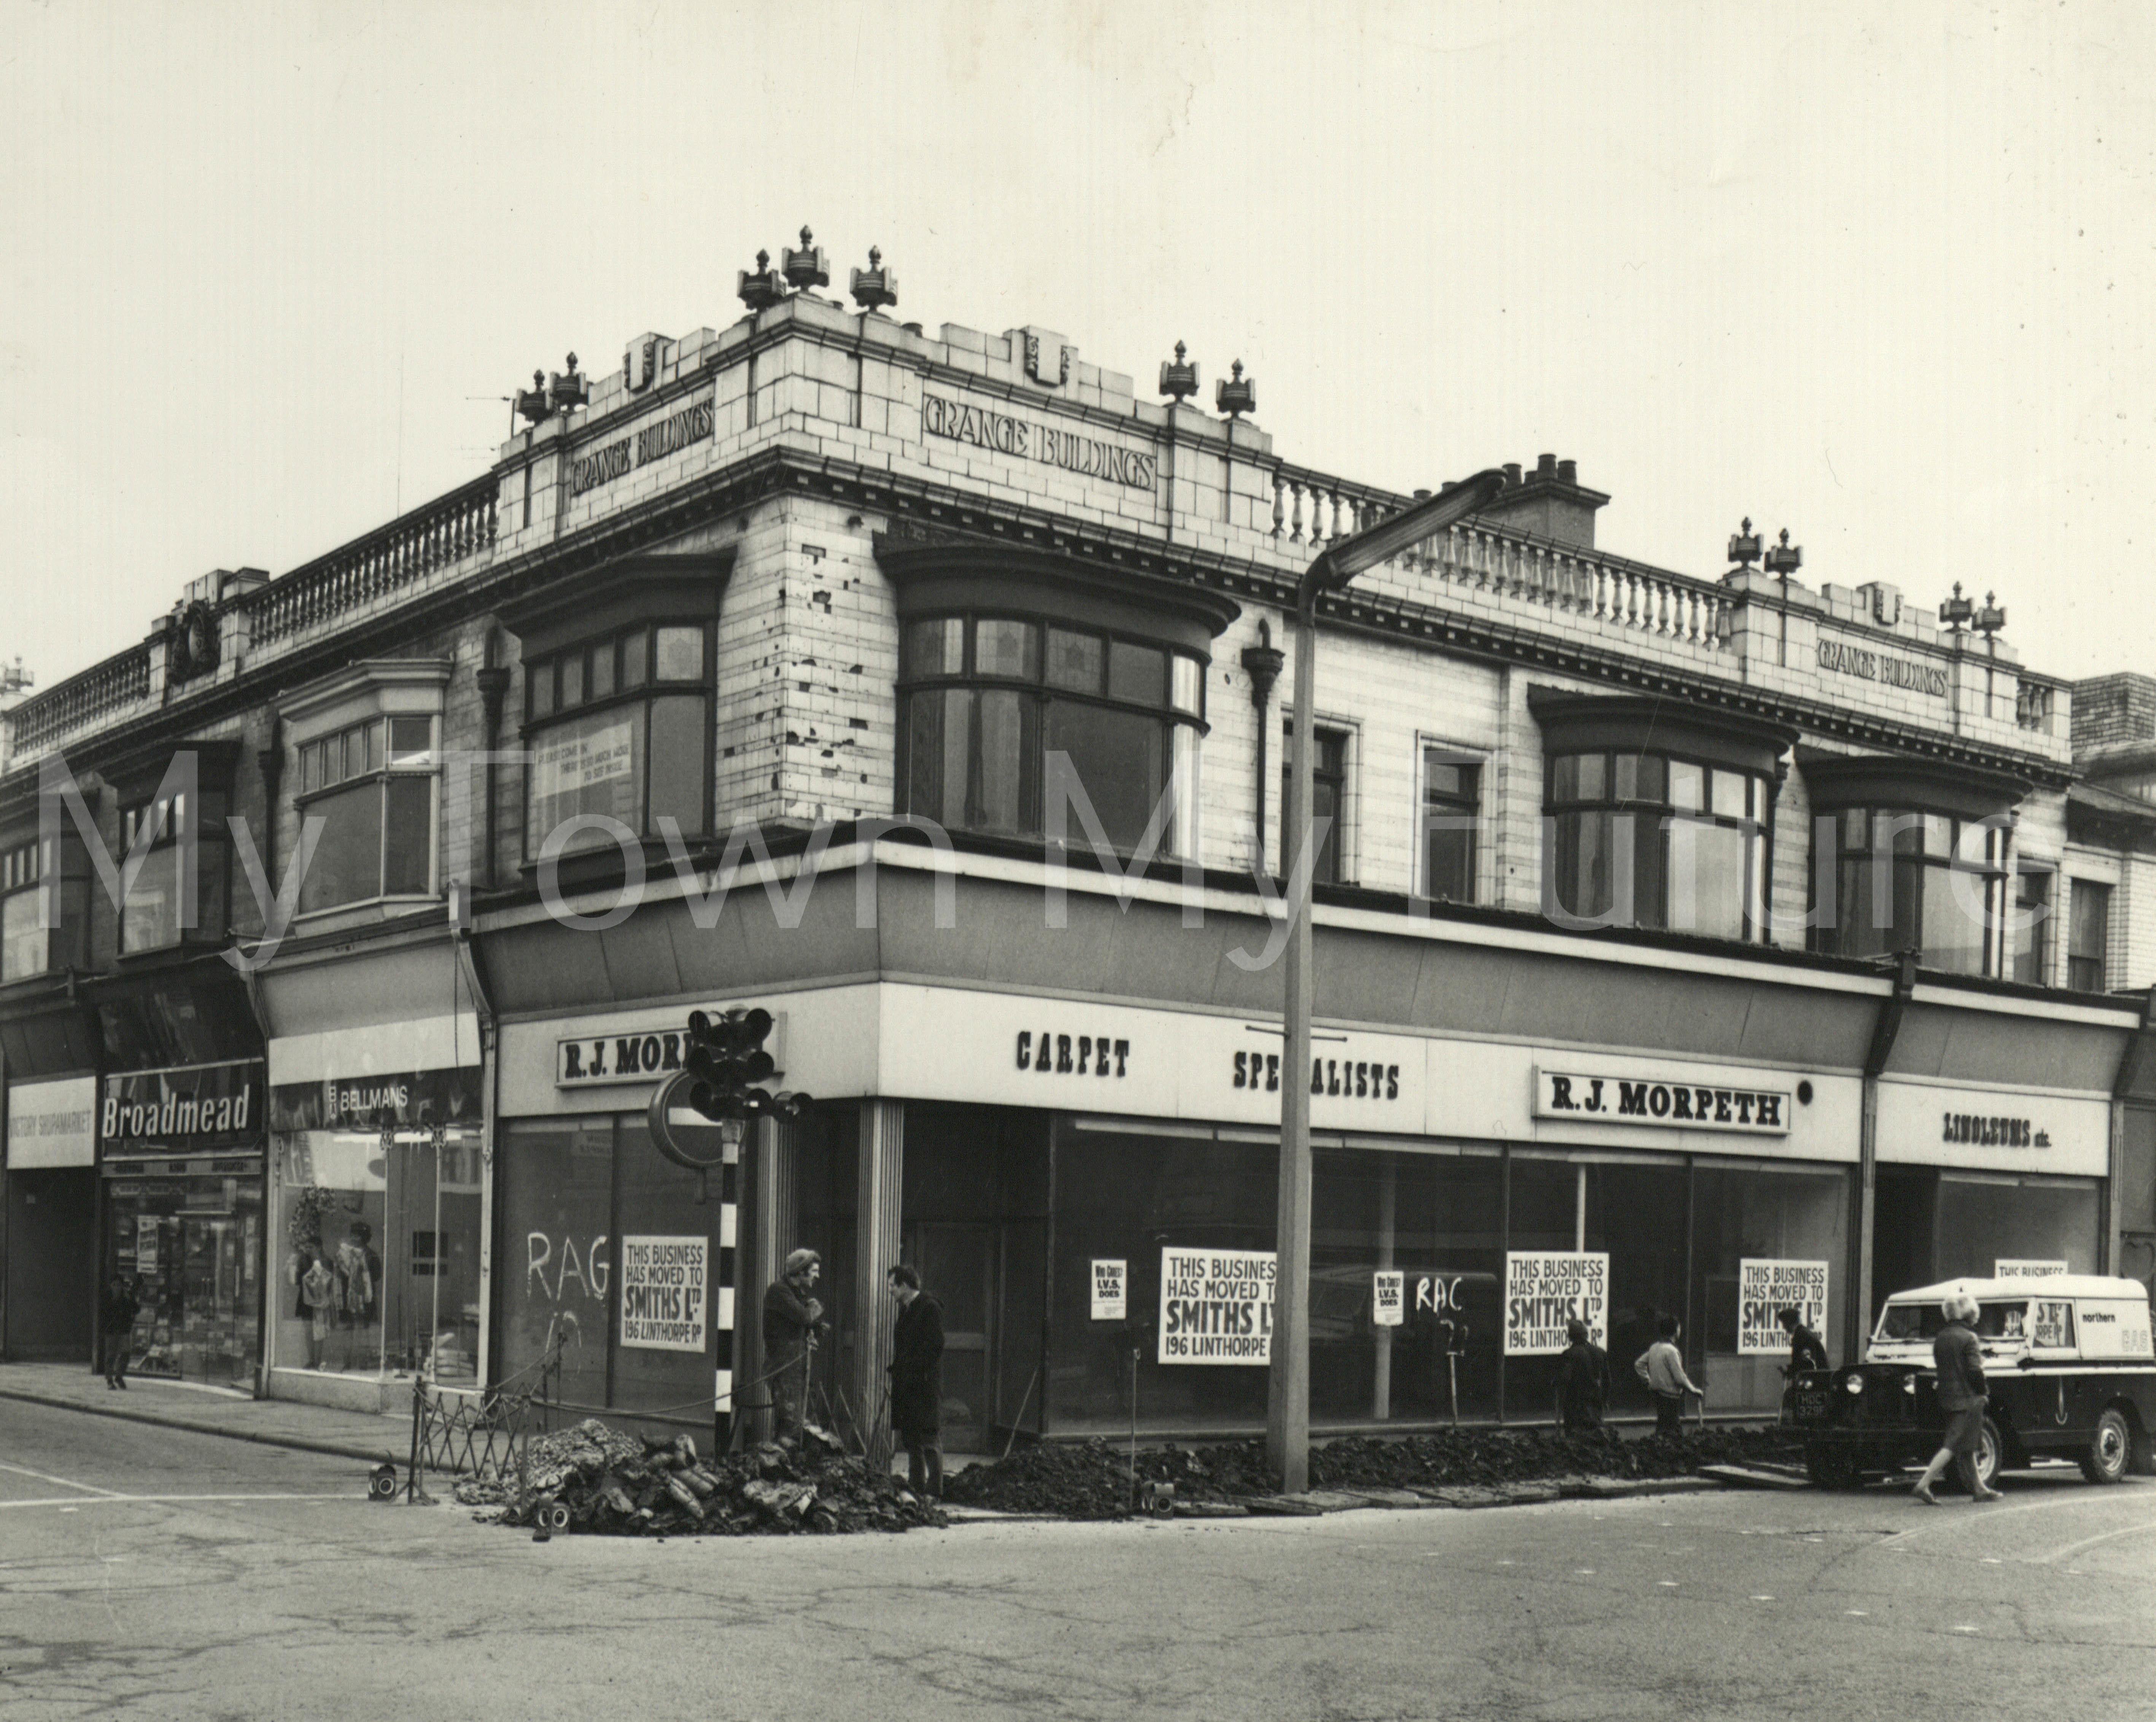 Grange Buildings - 112 LInthorpe Road